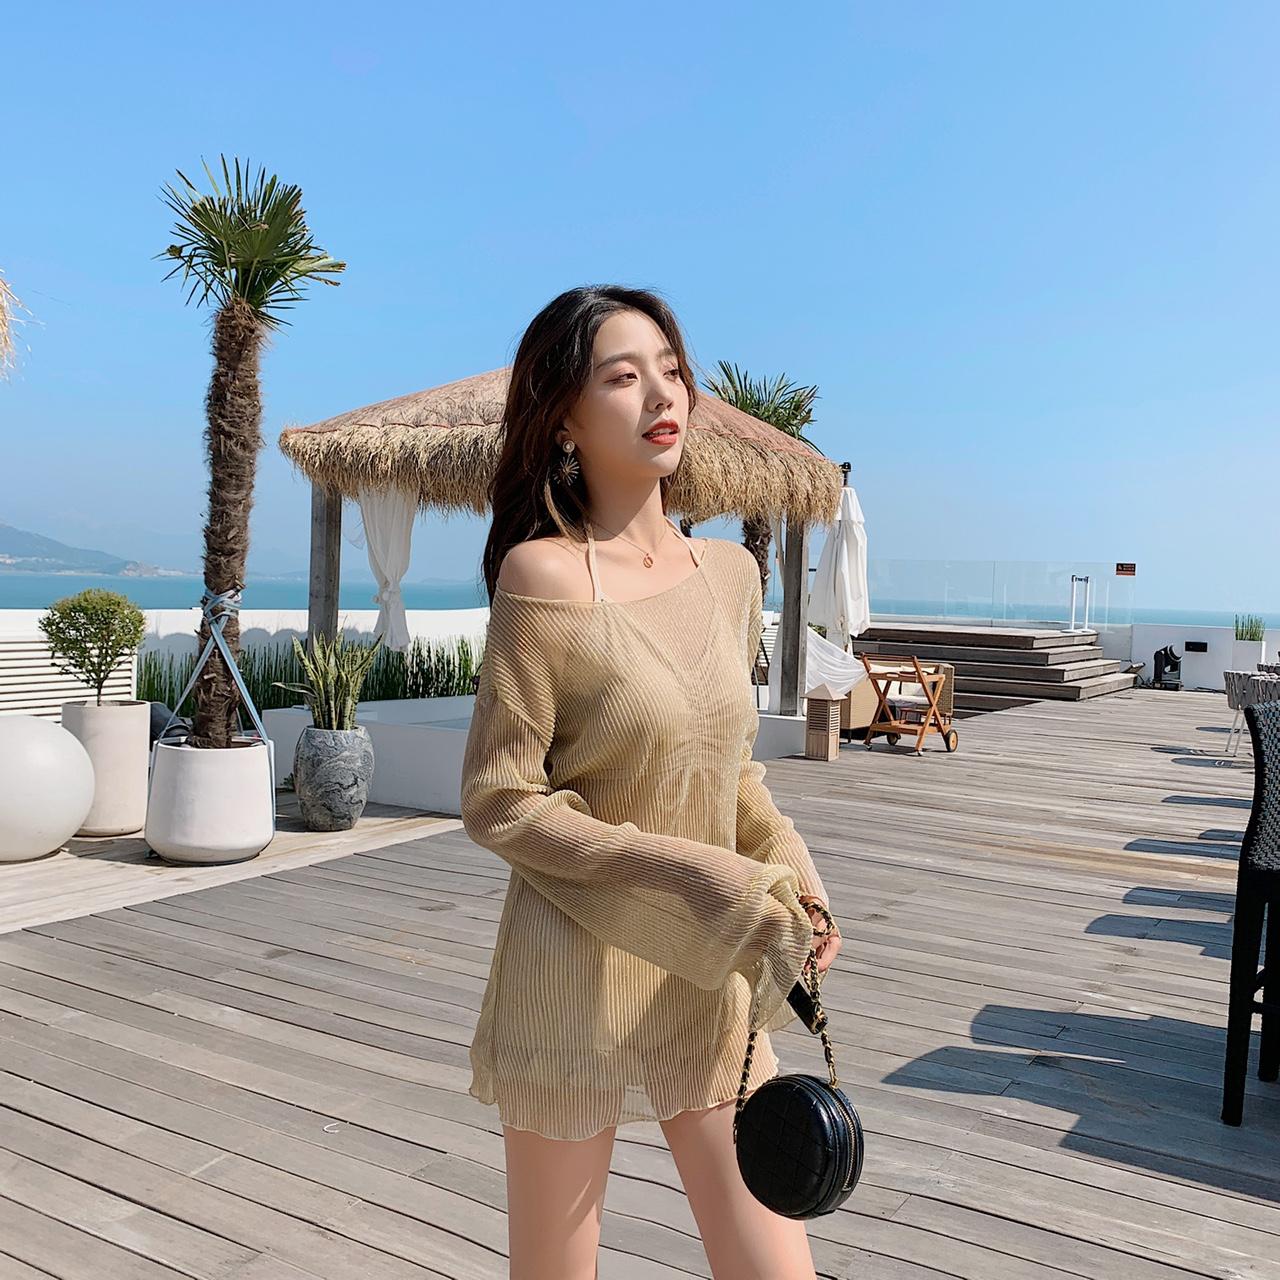 9961杏色韩版小清新温泉时尚女士泳衣